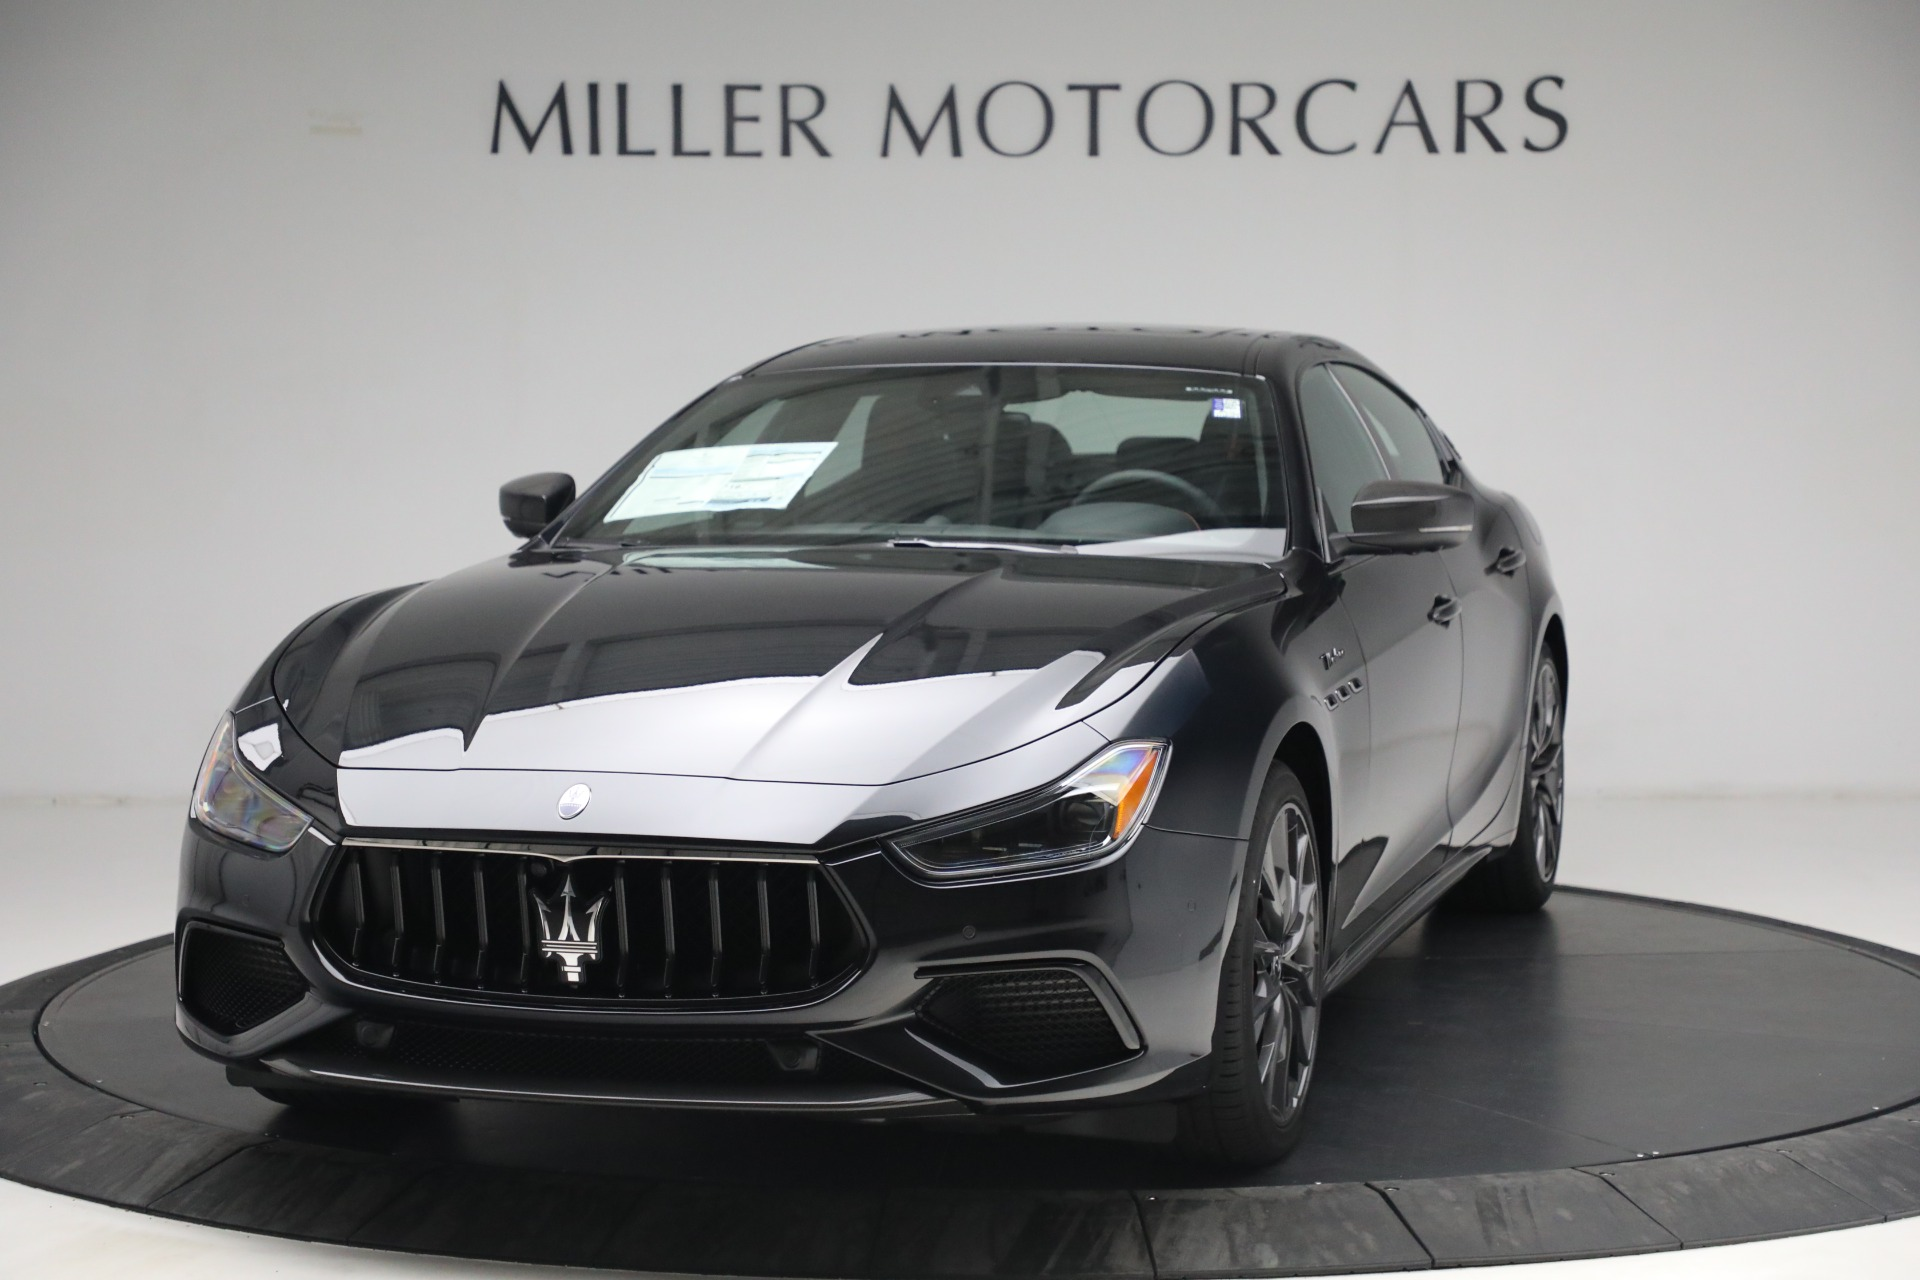 New 2022 Maserati Ghibli Modena Q4 for sale $103,855 at Maserati of Westport in Westport CT 06880 1